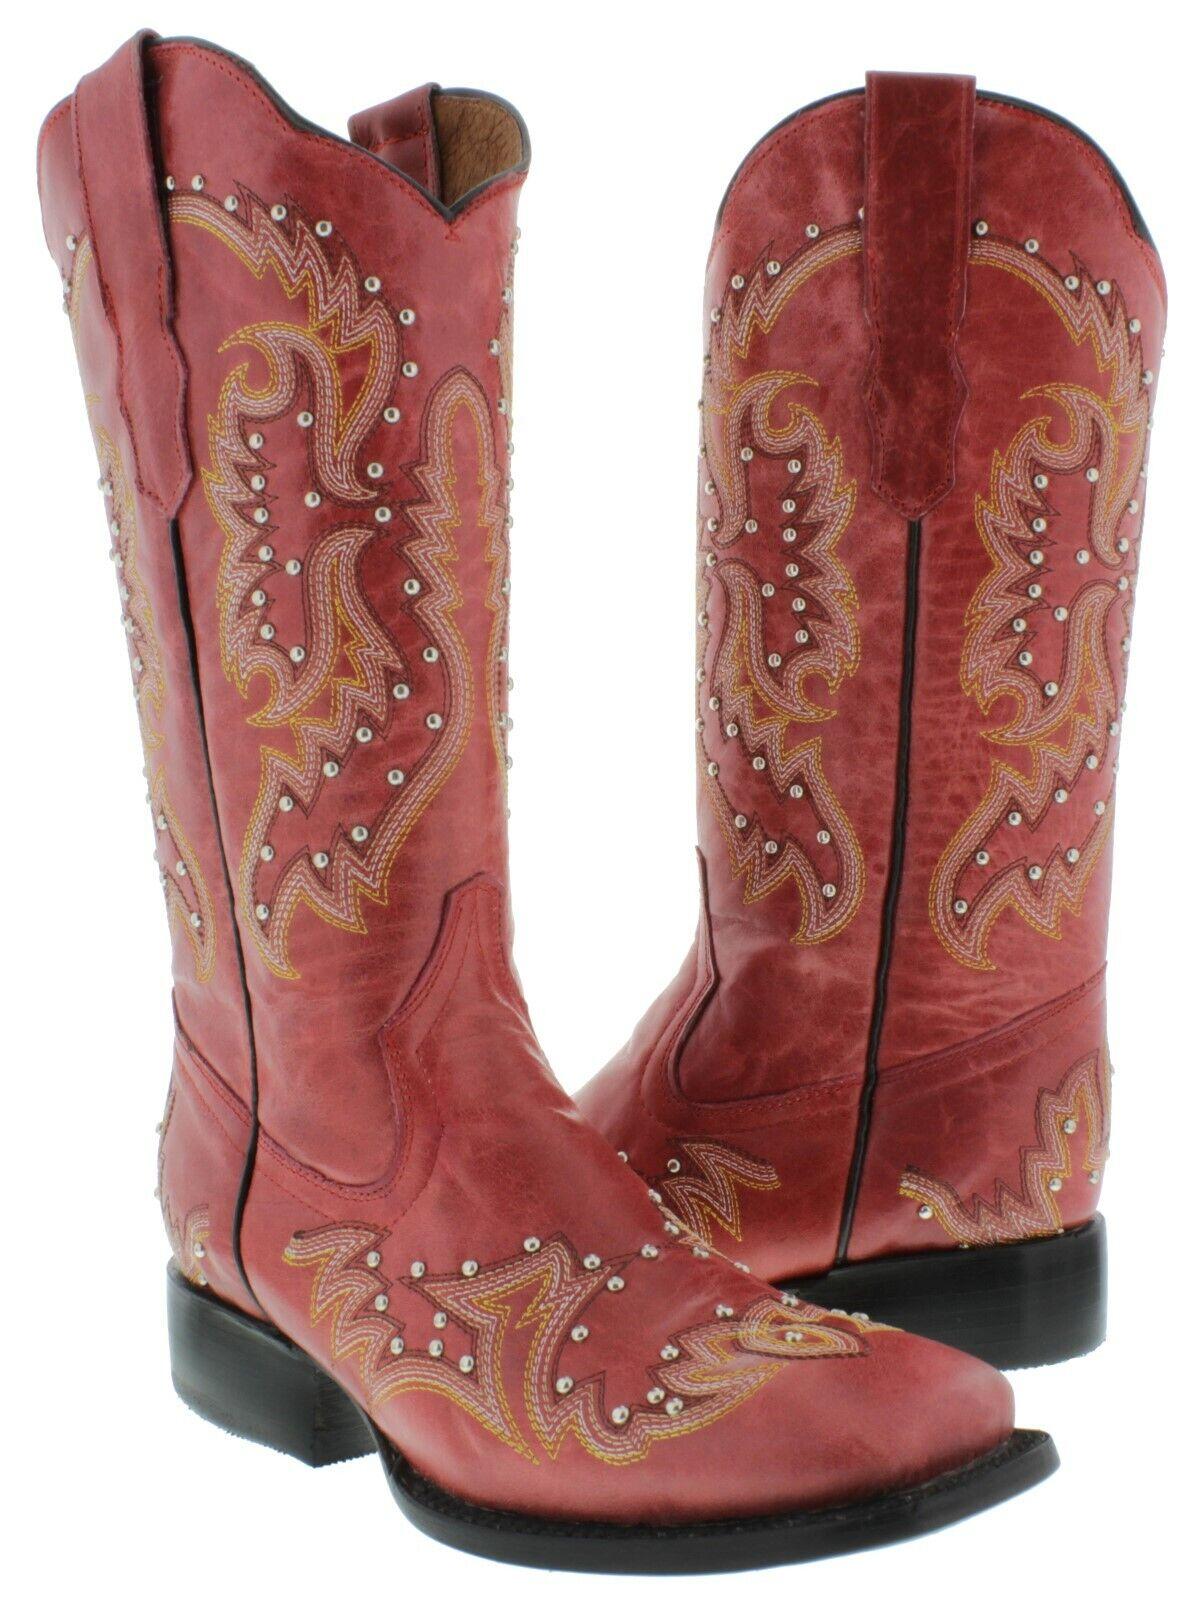 botas para mujer rojo Occidental Vaquera dedo del pie cuadrado plateado postes Bordado